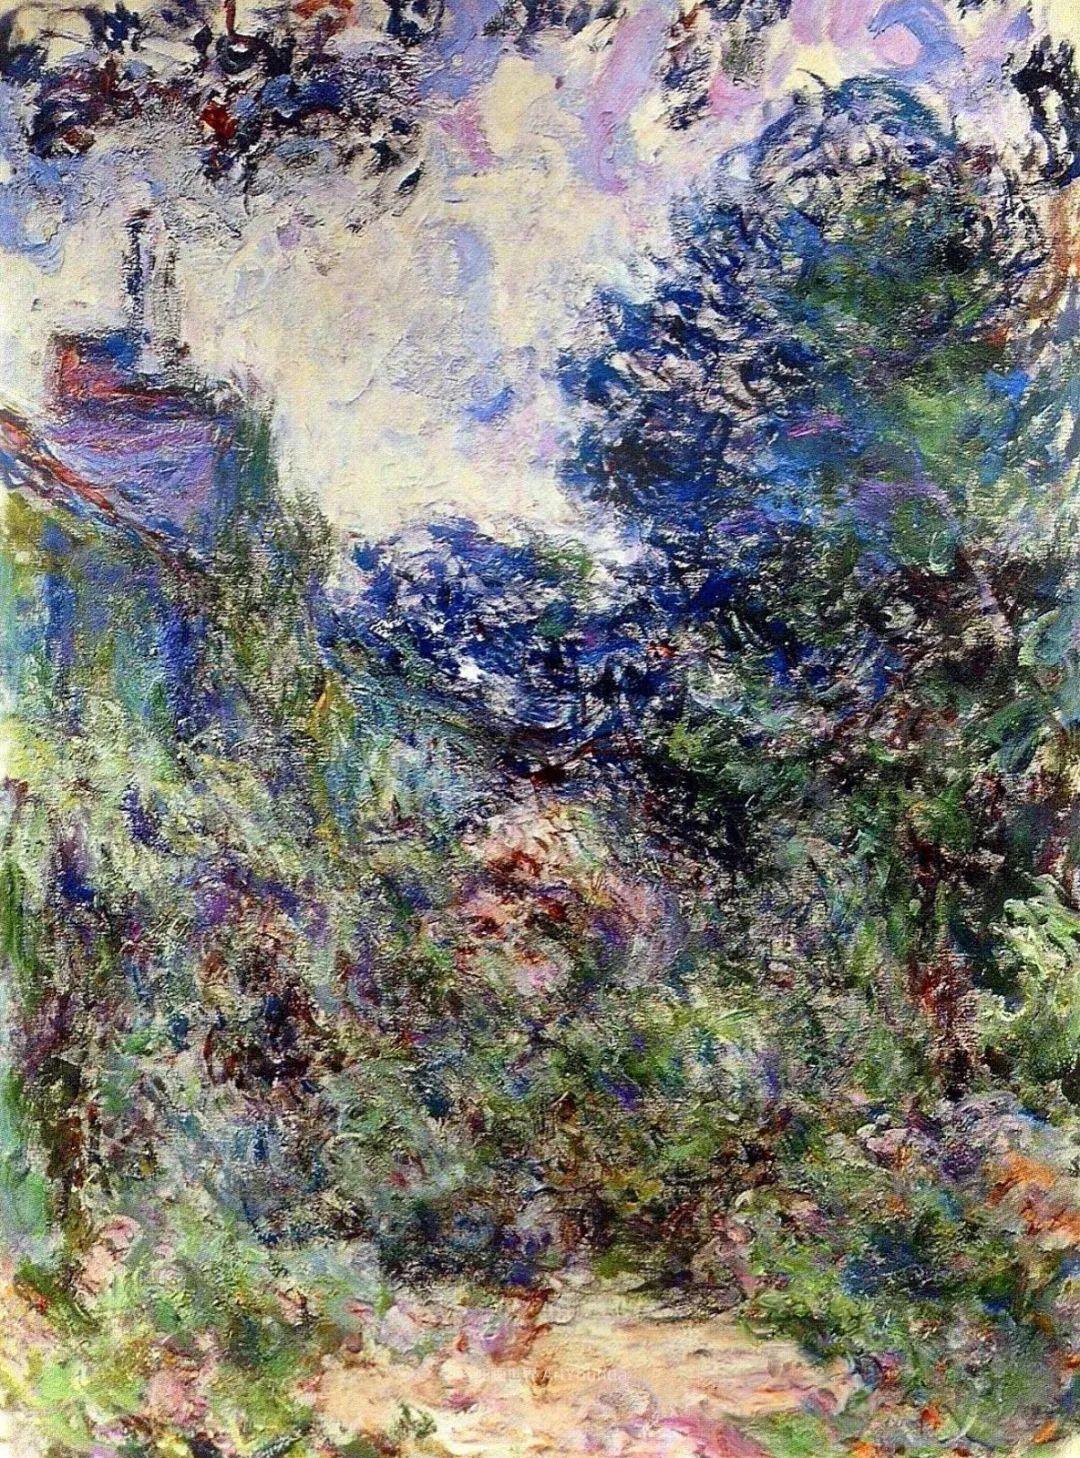 阳光四溢的色彩大师   以莫奈的花园祝你牛年欣欣向荣插图119